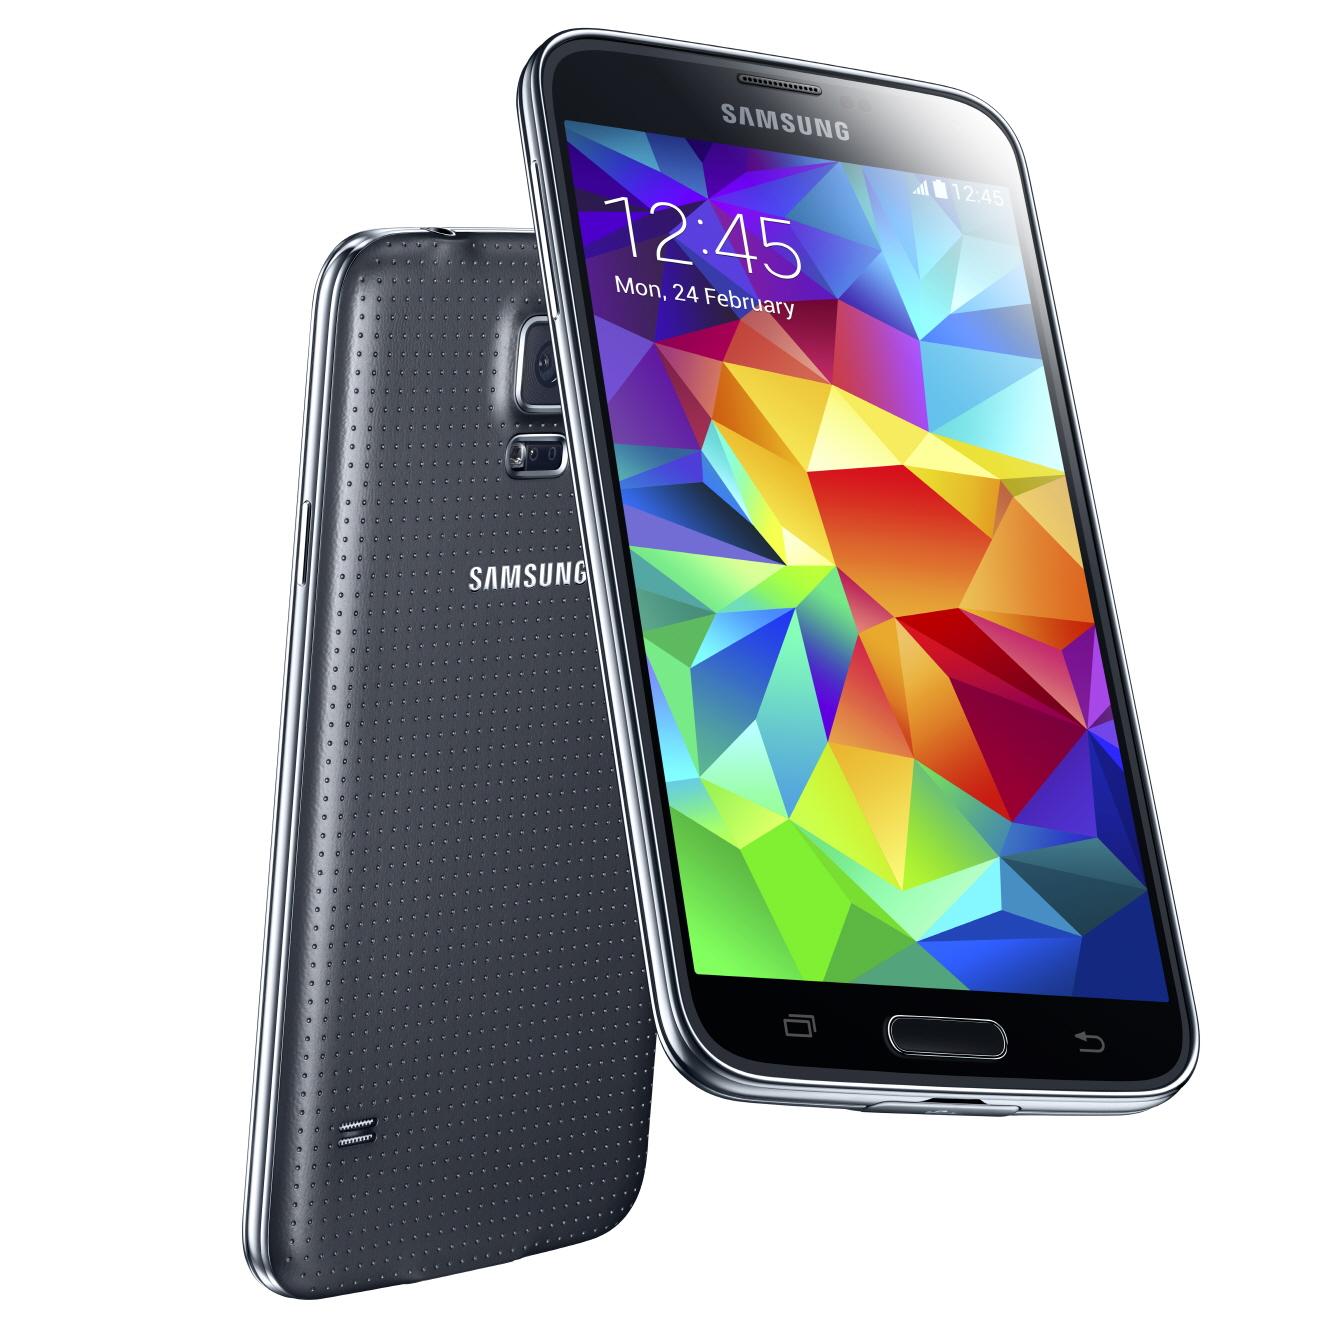 Samsung laat ontwikkelaars mogelijkheden van vingerafdrukscanner ontdekken